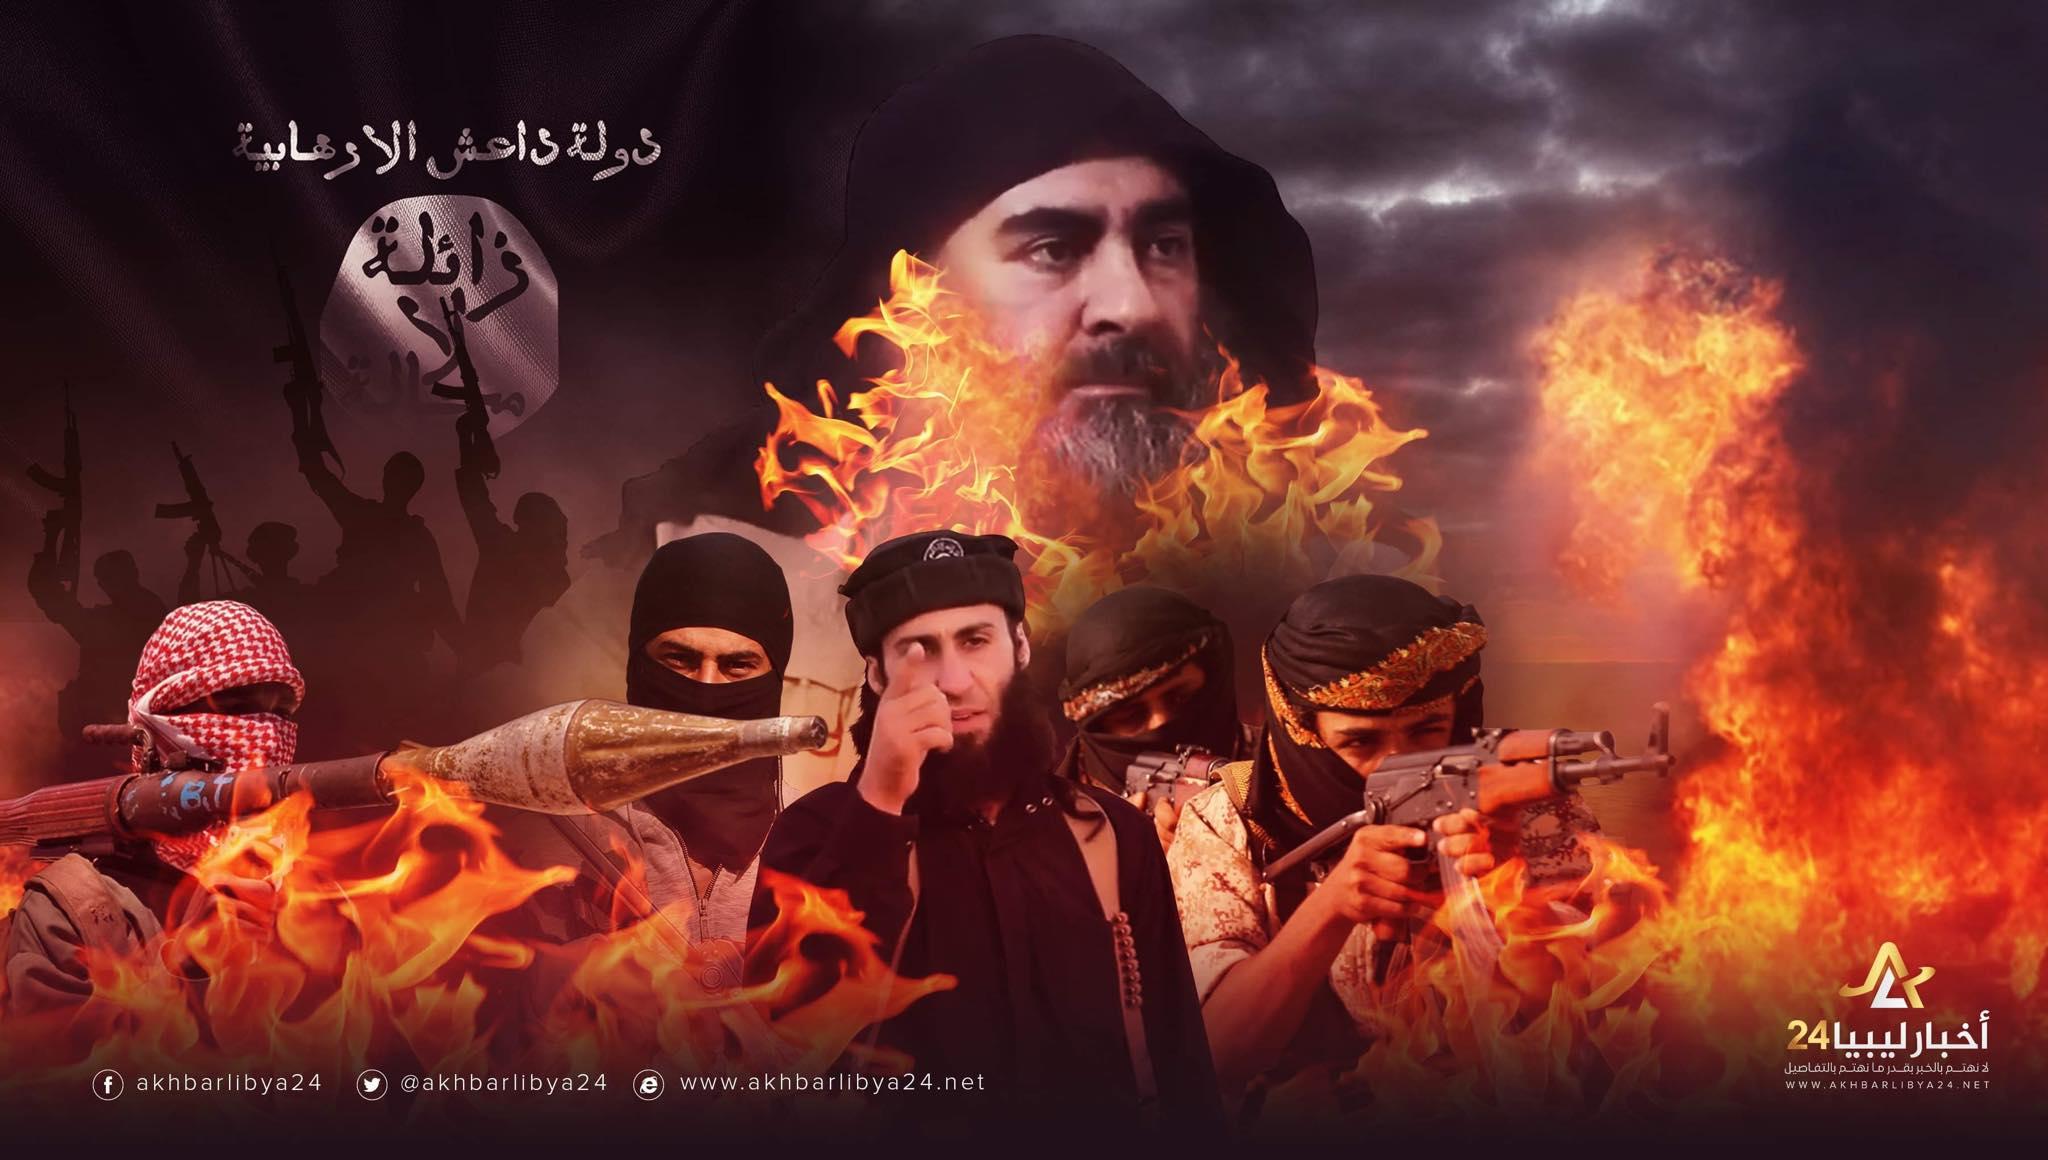 صورة تلاشي حلم داعش بإقامة دولته المزعومة في ليبيا